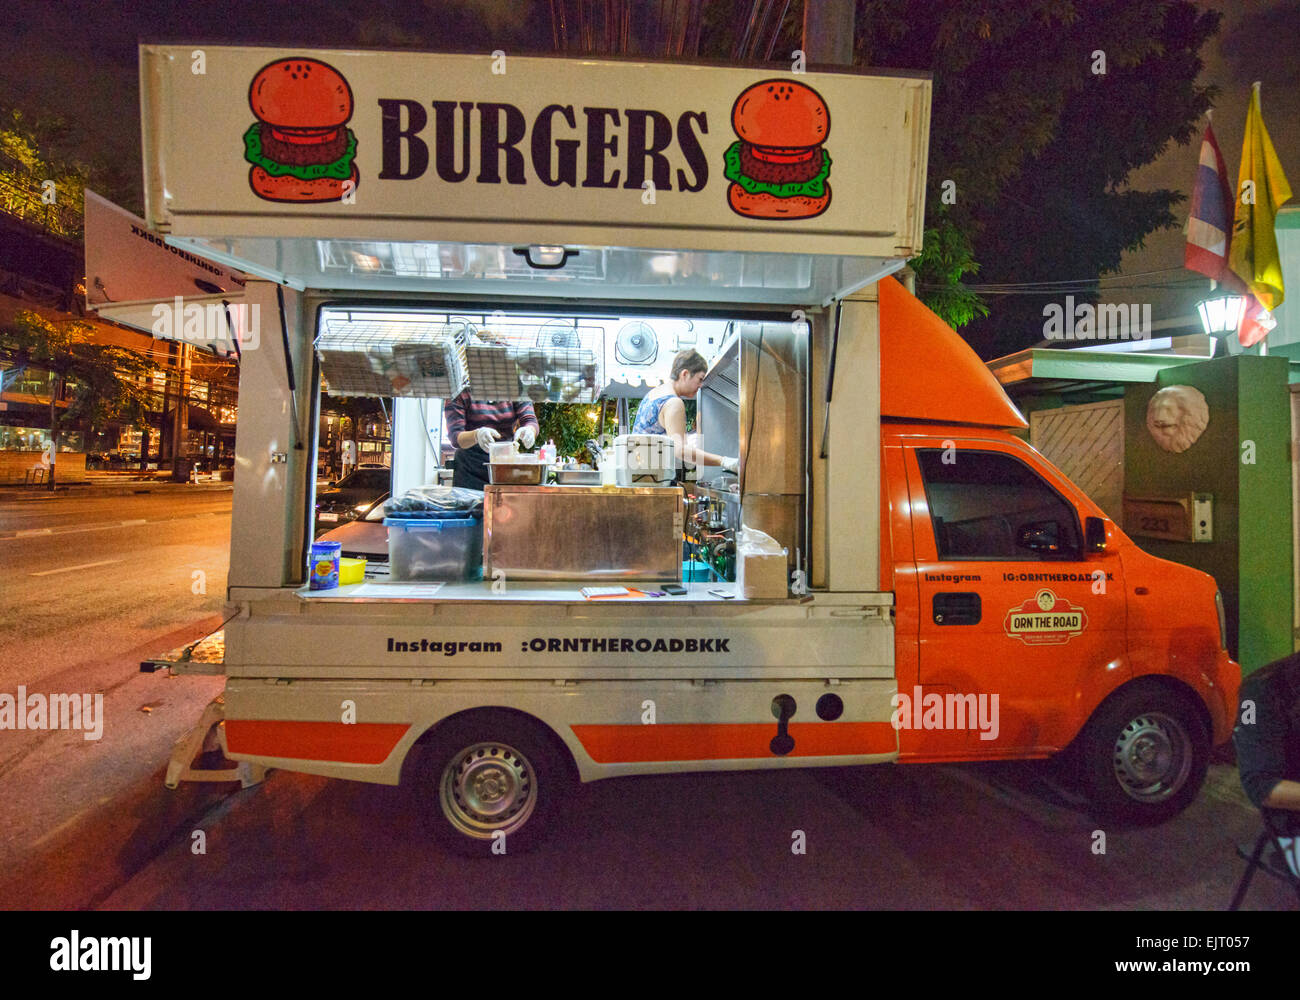 Hamburger food truck, Bangkok, Thailand - Stock Image